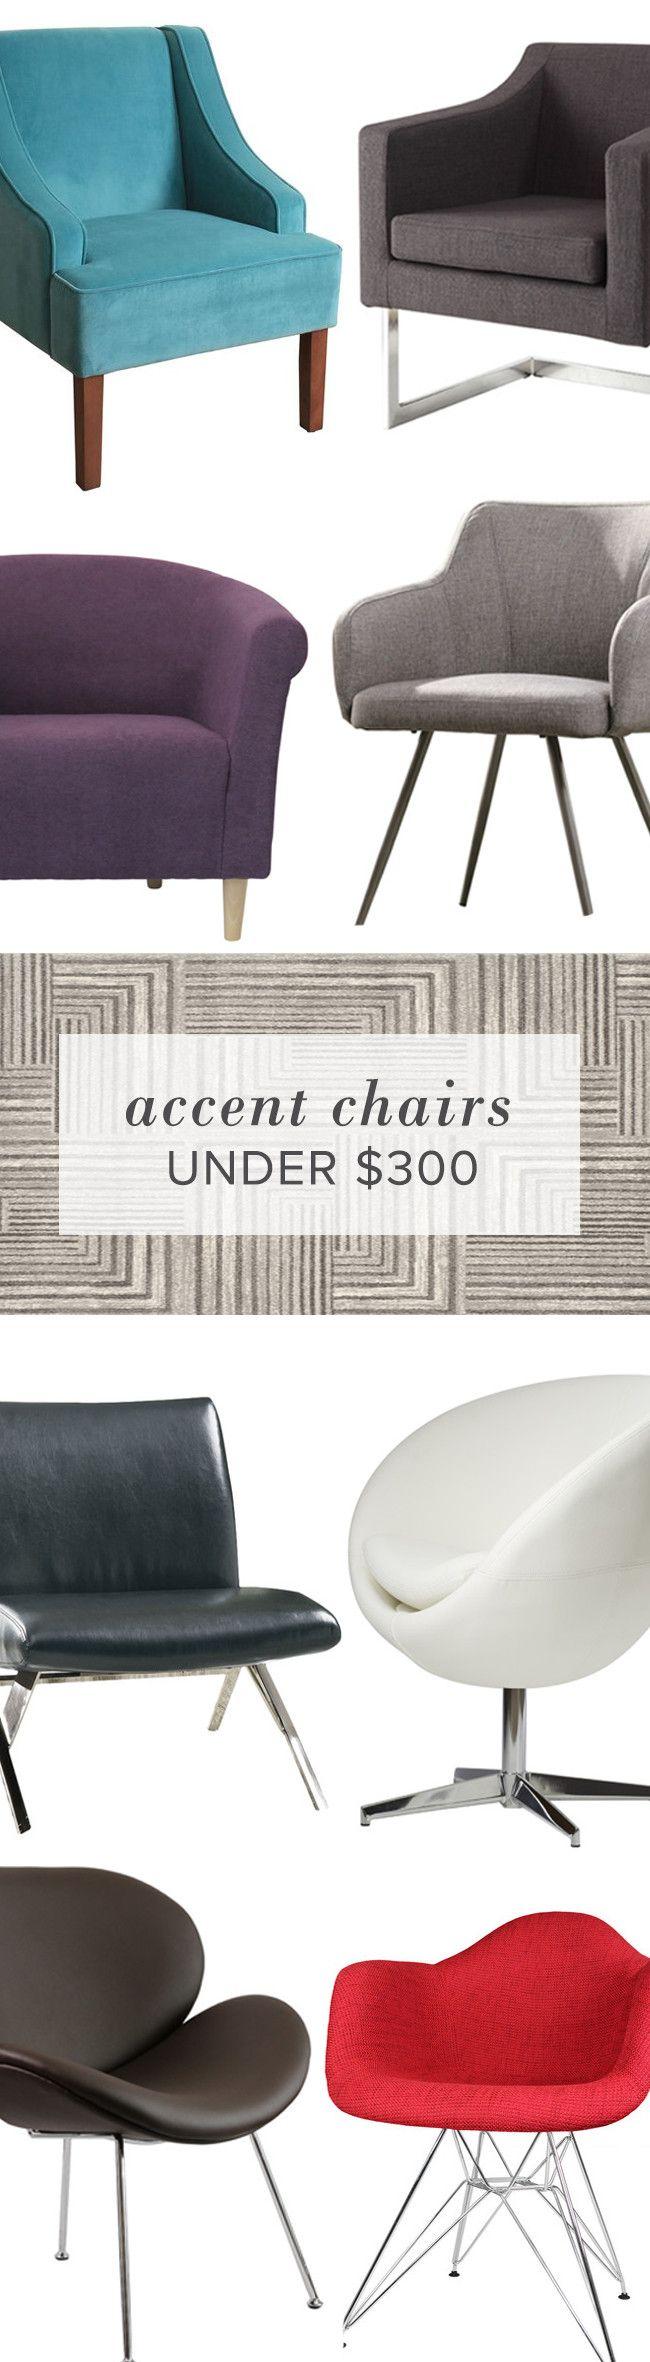 Wohnzimmer akzent stühle wohnzimmer akzente wohnzimmer kleine stühle mädchen zimmer moderne häuser egg chair and sign desk chairs